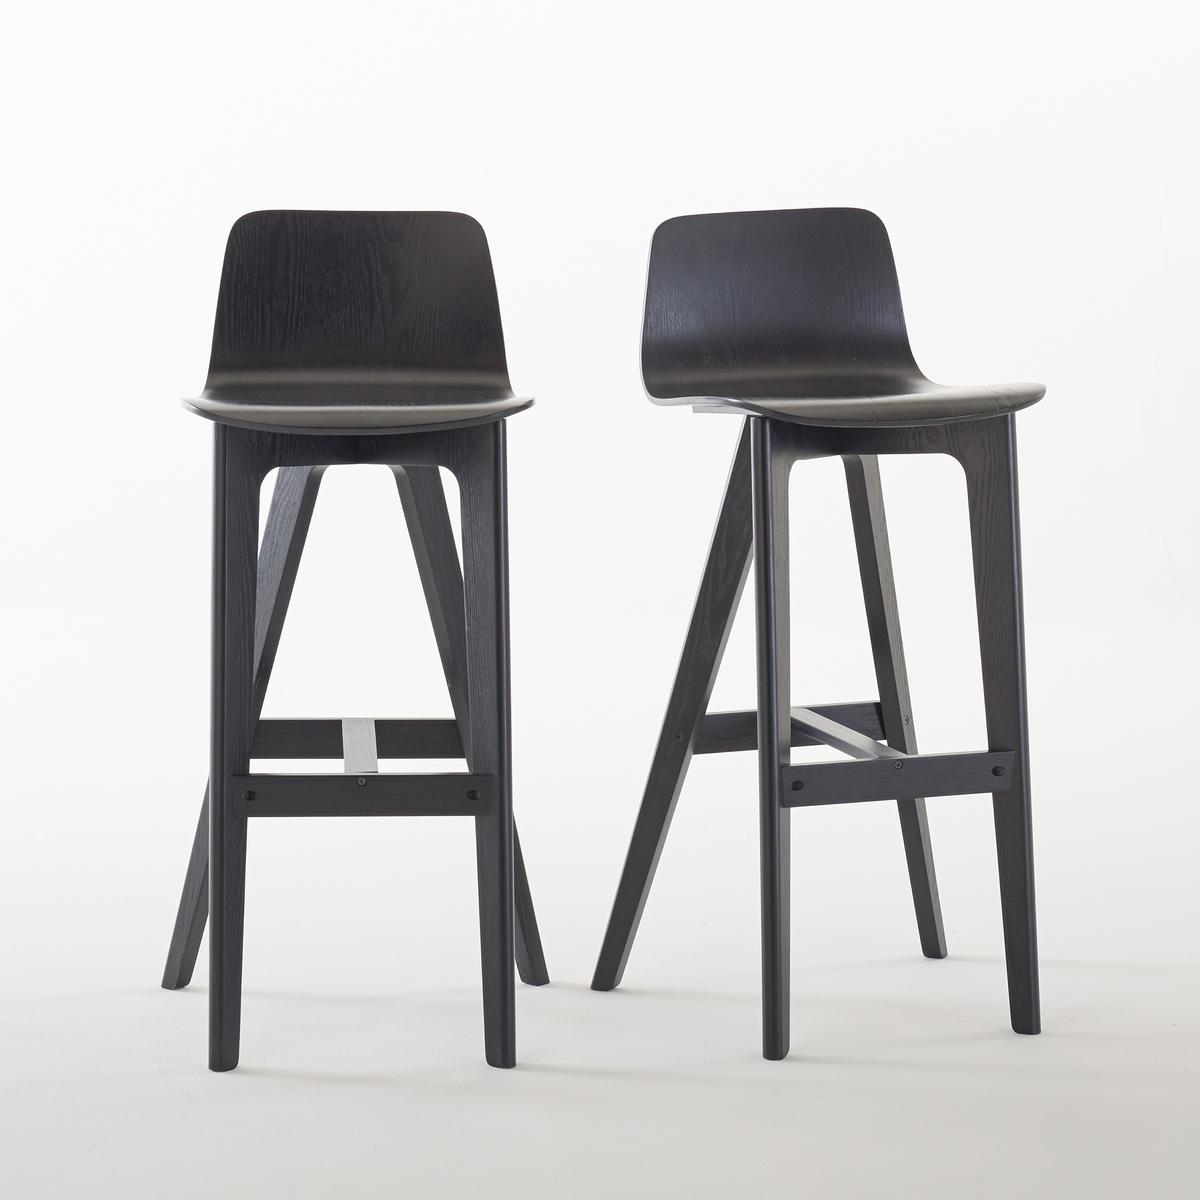 2 стула высоких дизайнерских, BIFACE2 барных дизайнерских стула Biface. Вокруг высокого стола или перед баром 2 высоких стула Biface обеспечивают вам отличную эргономию и модный современный дизайн.Описание высоких дизайнерских стульев Biface :Покрытие лаком позволяет проявить прожилки дерева двух цветов, натурального и черного для современного эффекта.Отличная эргономия.Подставка для ног.Для оптимального качества и устойчивости рекомендуется надежно затянуть болты. Характеристики высоких дизайнерских стульев Biface :Сиденье и ножки из многослойной гевеи, покрытой шпоном ясеня и нитролаком.Откройте для себя другие стулья Biface на сайте laredoute.ruРазмеры стульев Biface :ОбщиеДлина : 43 см.  Высота : 102 смГлубина : 42 см.Сиденье Высота : 78 смДругие модели из коллекции Biface Вы найдете на нашем сайте.Доставка :Стулья продаются в разобранном виде, возможна доставка до квартиры по предварительному согласованию !Внимание ! Убедитесь, что дверные, лестничные и лифтовые проемы позволяют осуществить доставку коробки таких габаритов .Размеры и вес упаковки:1 коробкаШир. 82 x Выс. 54 x Гл. 24 см16,4 кг<br><br>Цвет: серо-бежевый